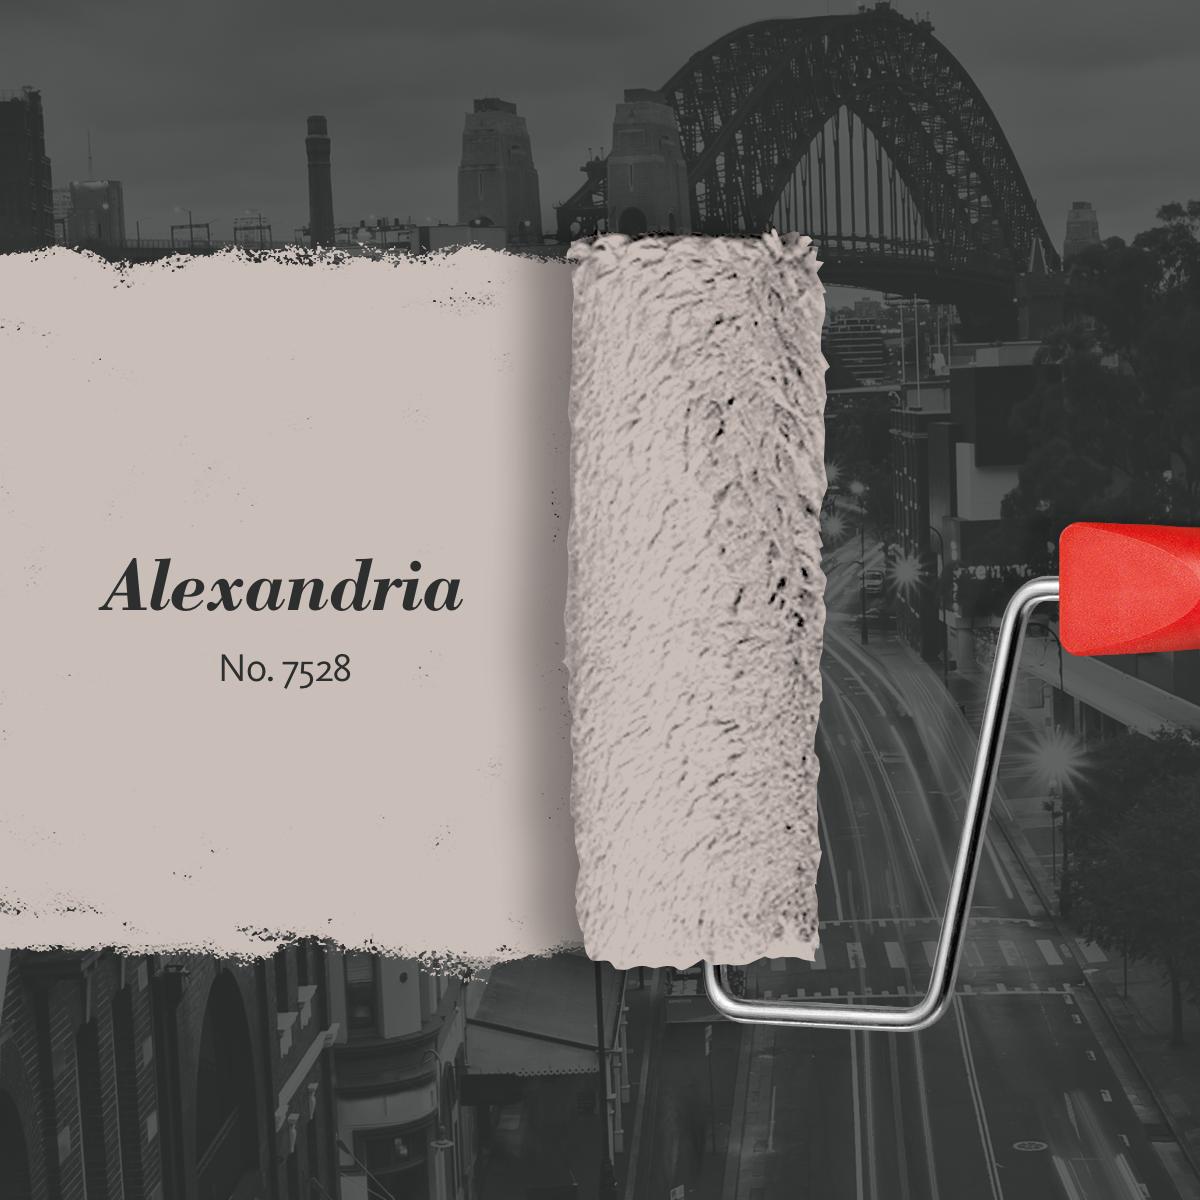 Alexandria Halt Deinen Kopf Frei Lass Deine Kreativitat Sich Komplett Entfalten Schoner Wohnen Wohnen